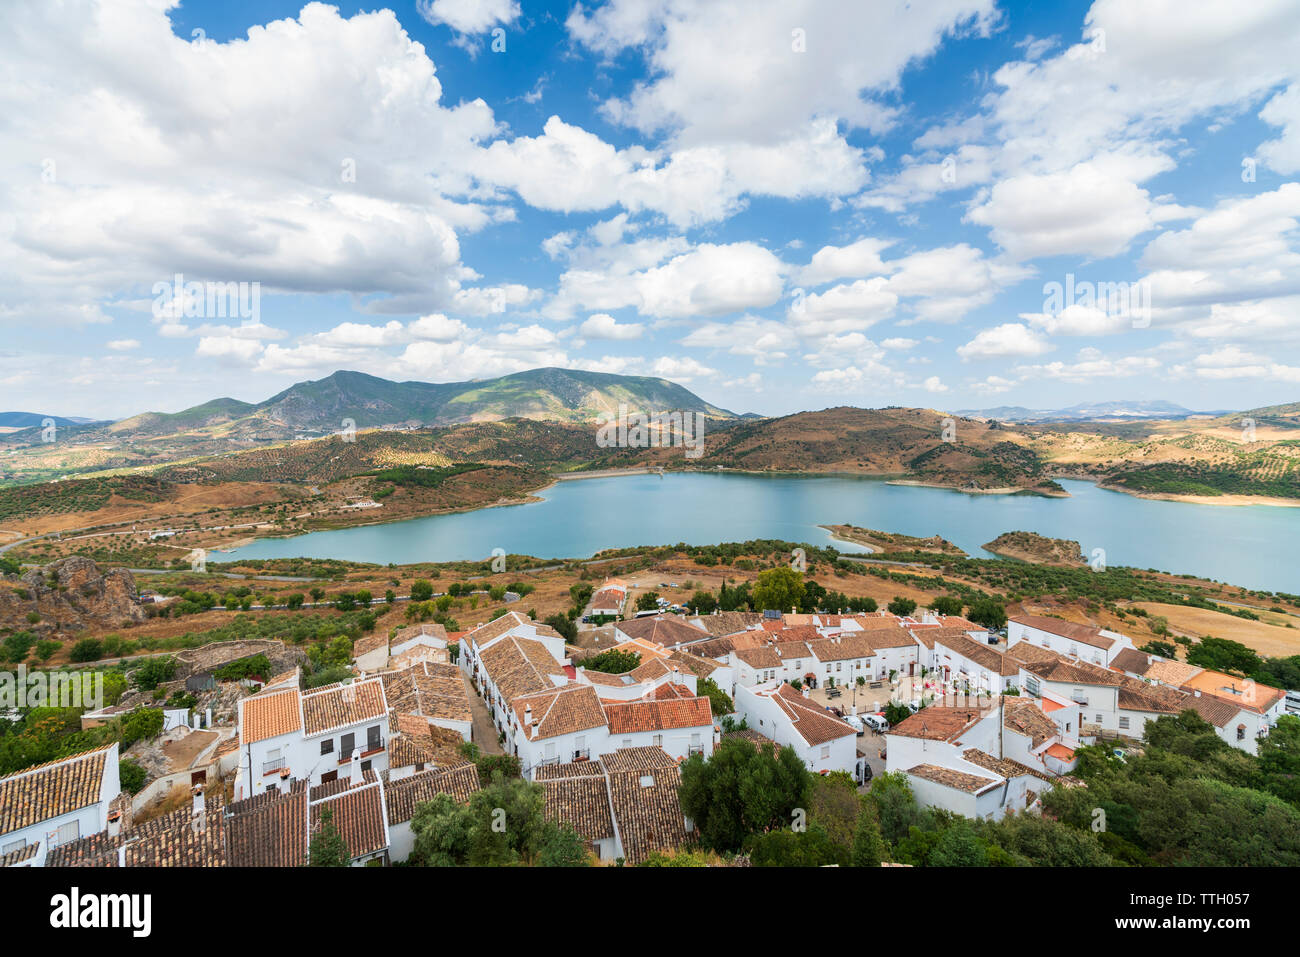 Lago e villaggio arabo, Zahara de la Sierra, Andalusia - Stock Image